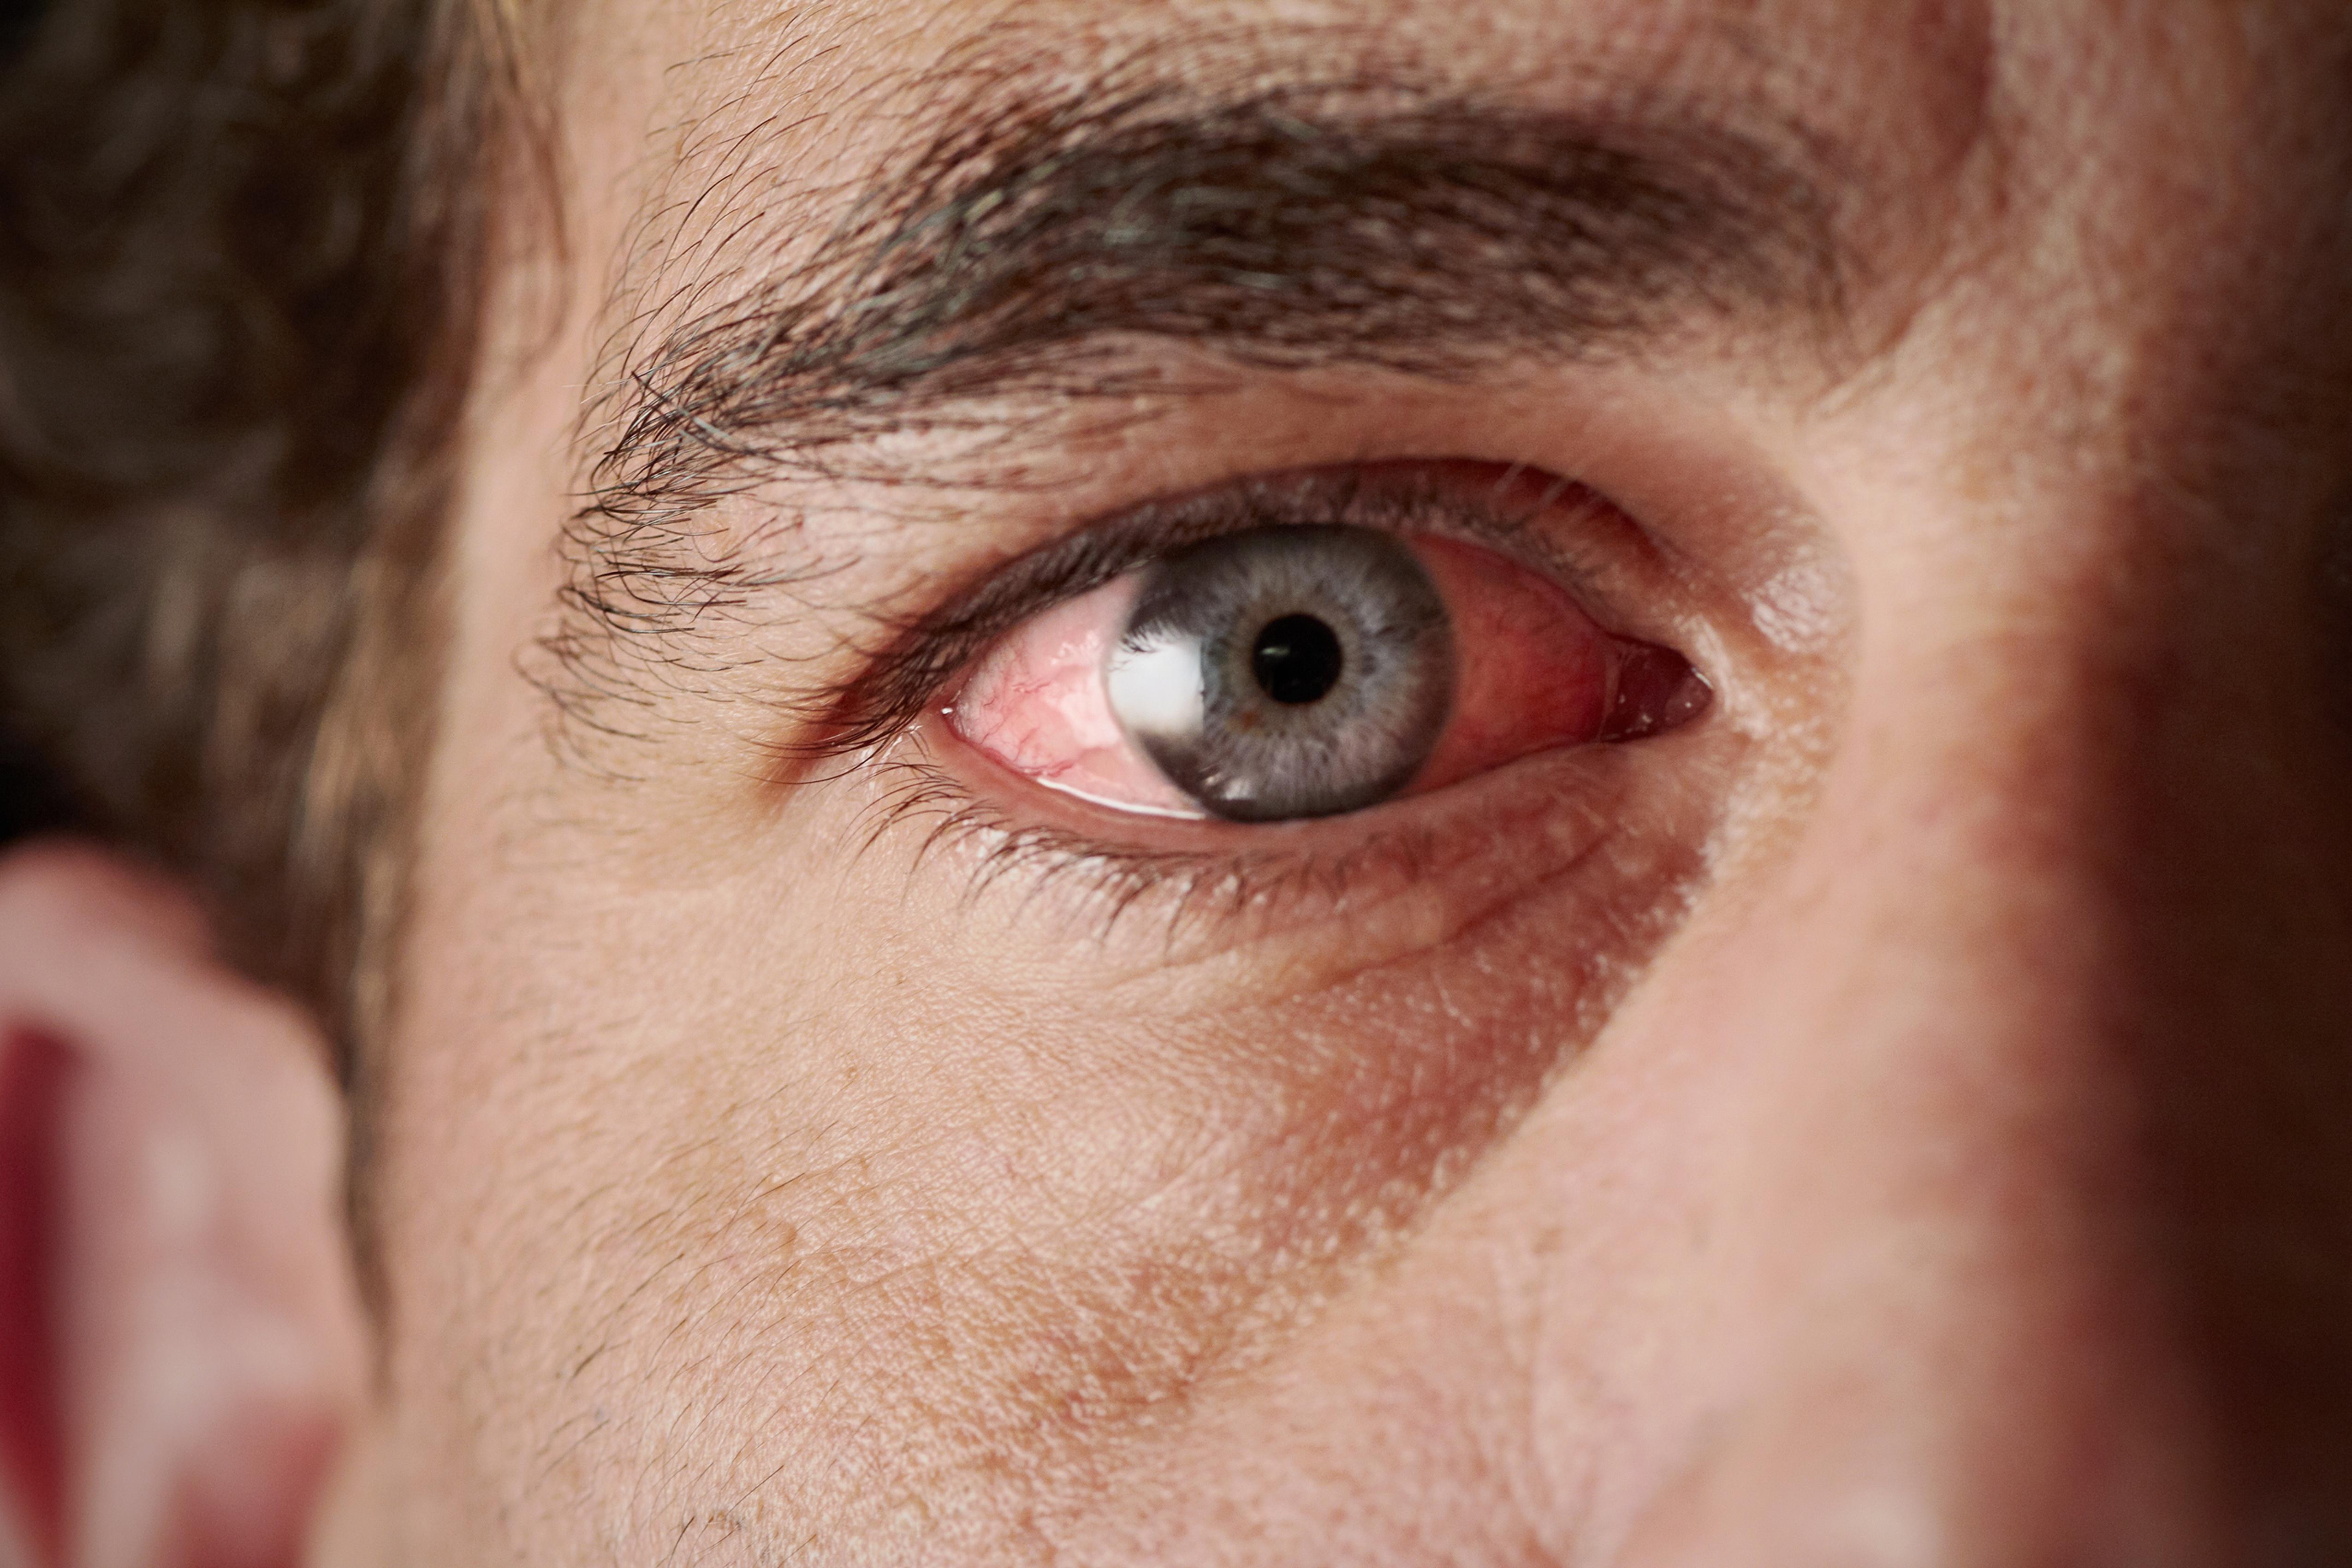 vörös foltok a szem alatt és pikkelyesek)